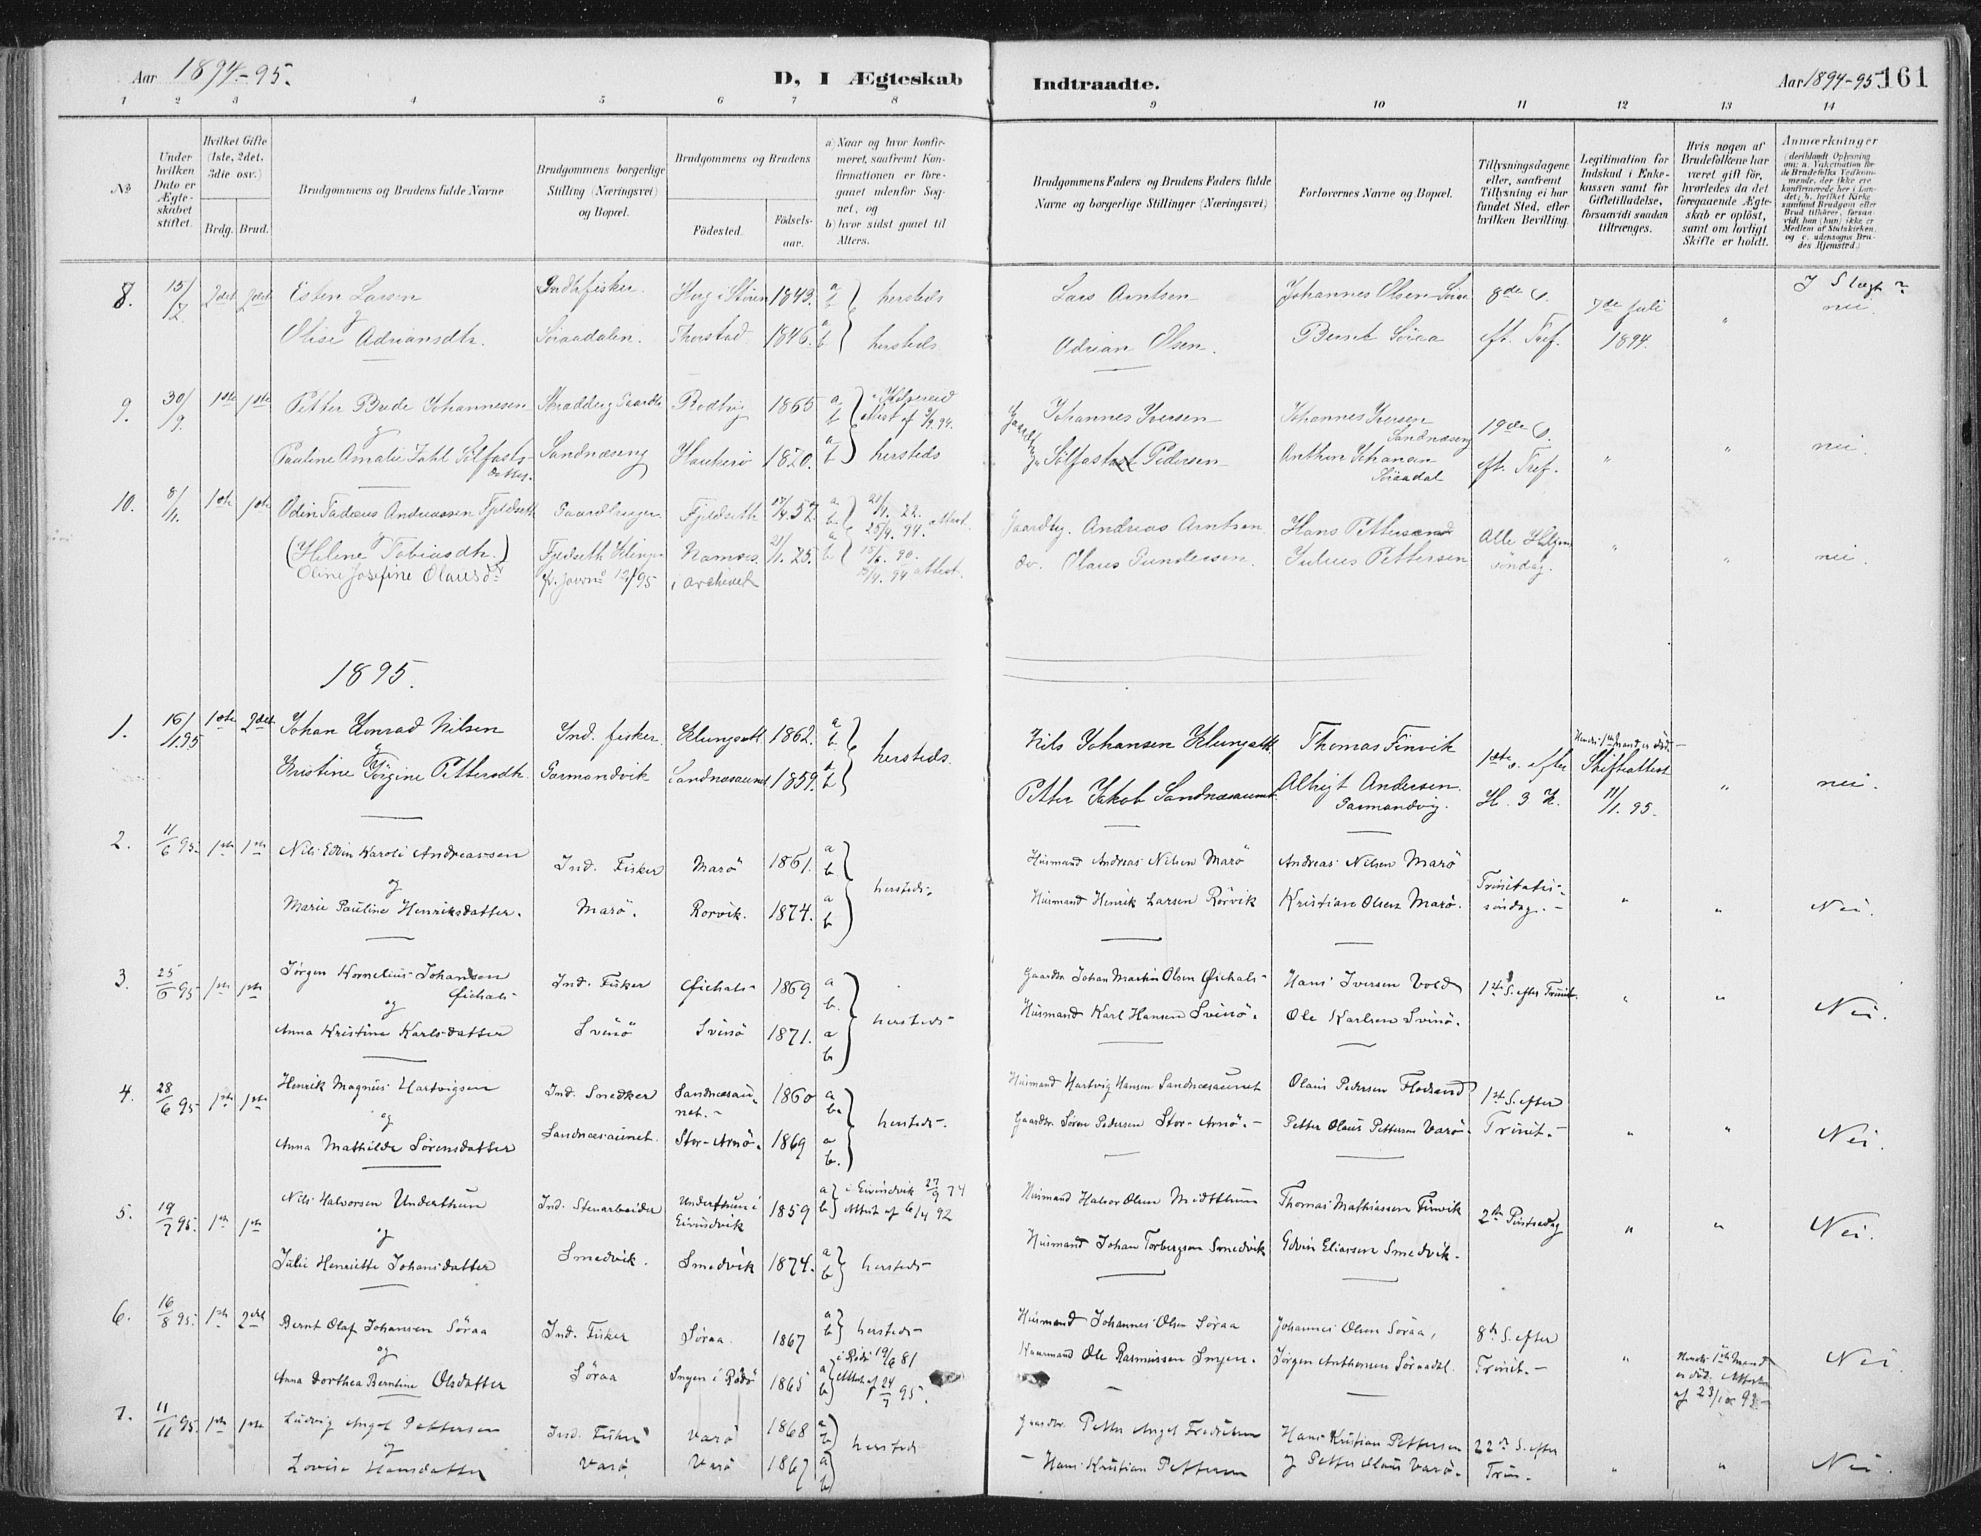 SAT, Ministerialprotokoller, klokkerbøker og fødselsregistre - Nord-Trøndelag, 784/L0673: Ministerialbok nr. 784A08, 1888-1899, s. 161